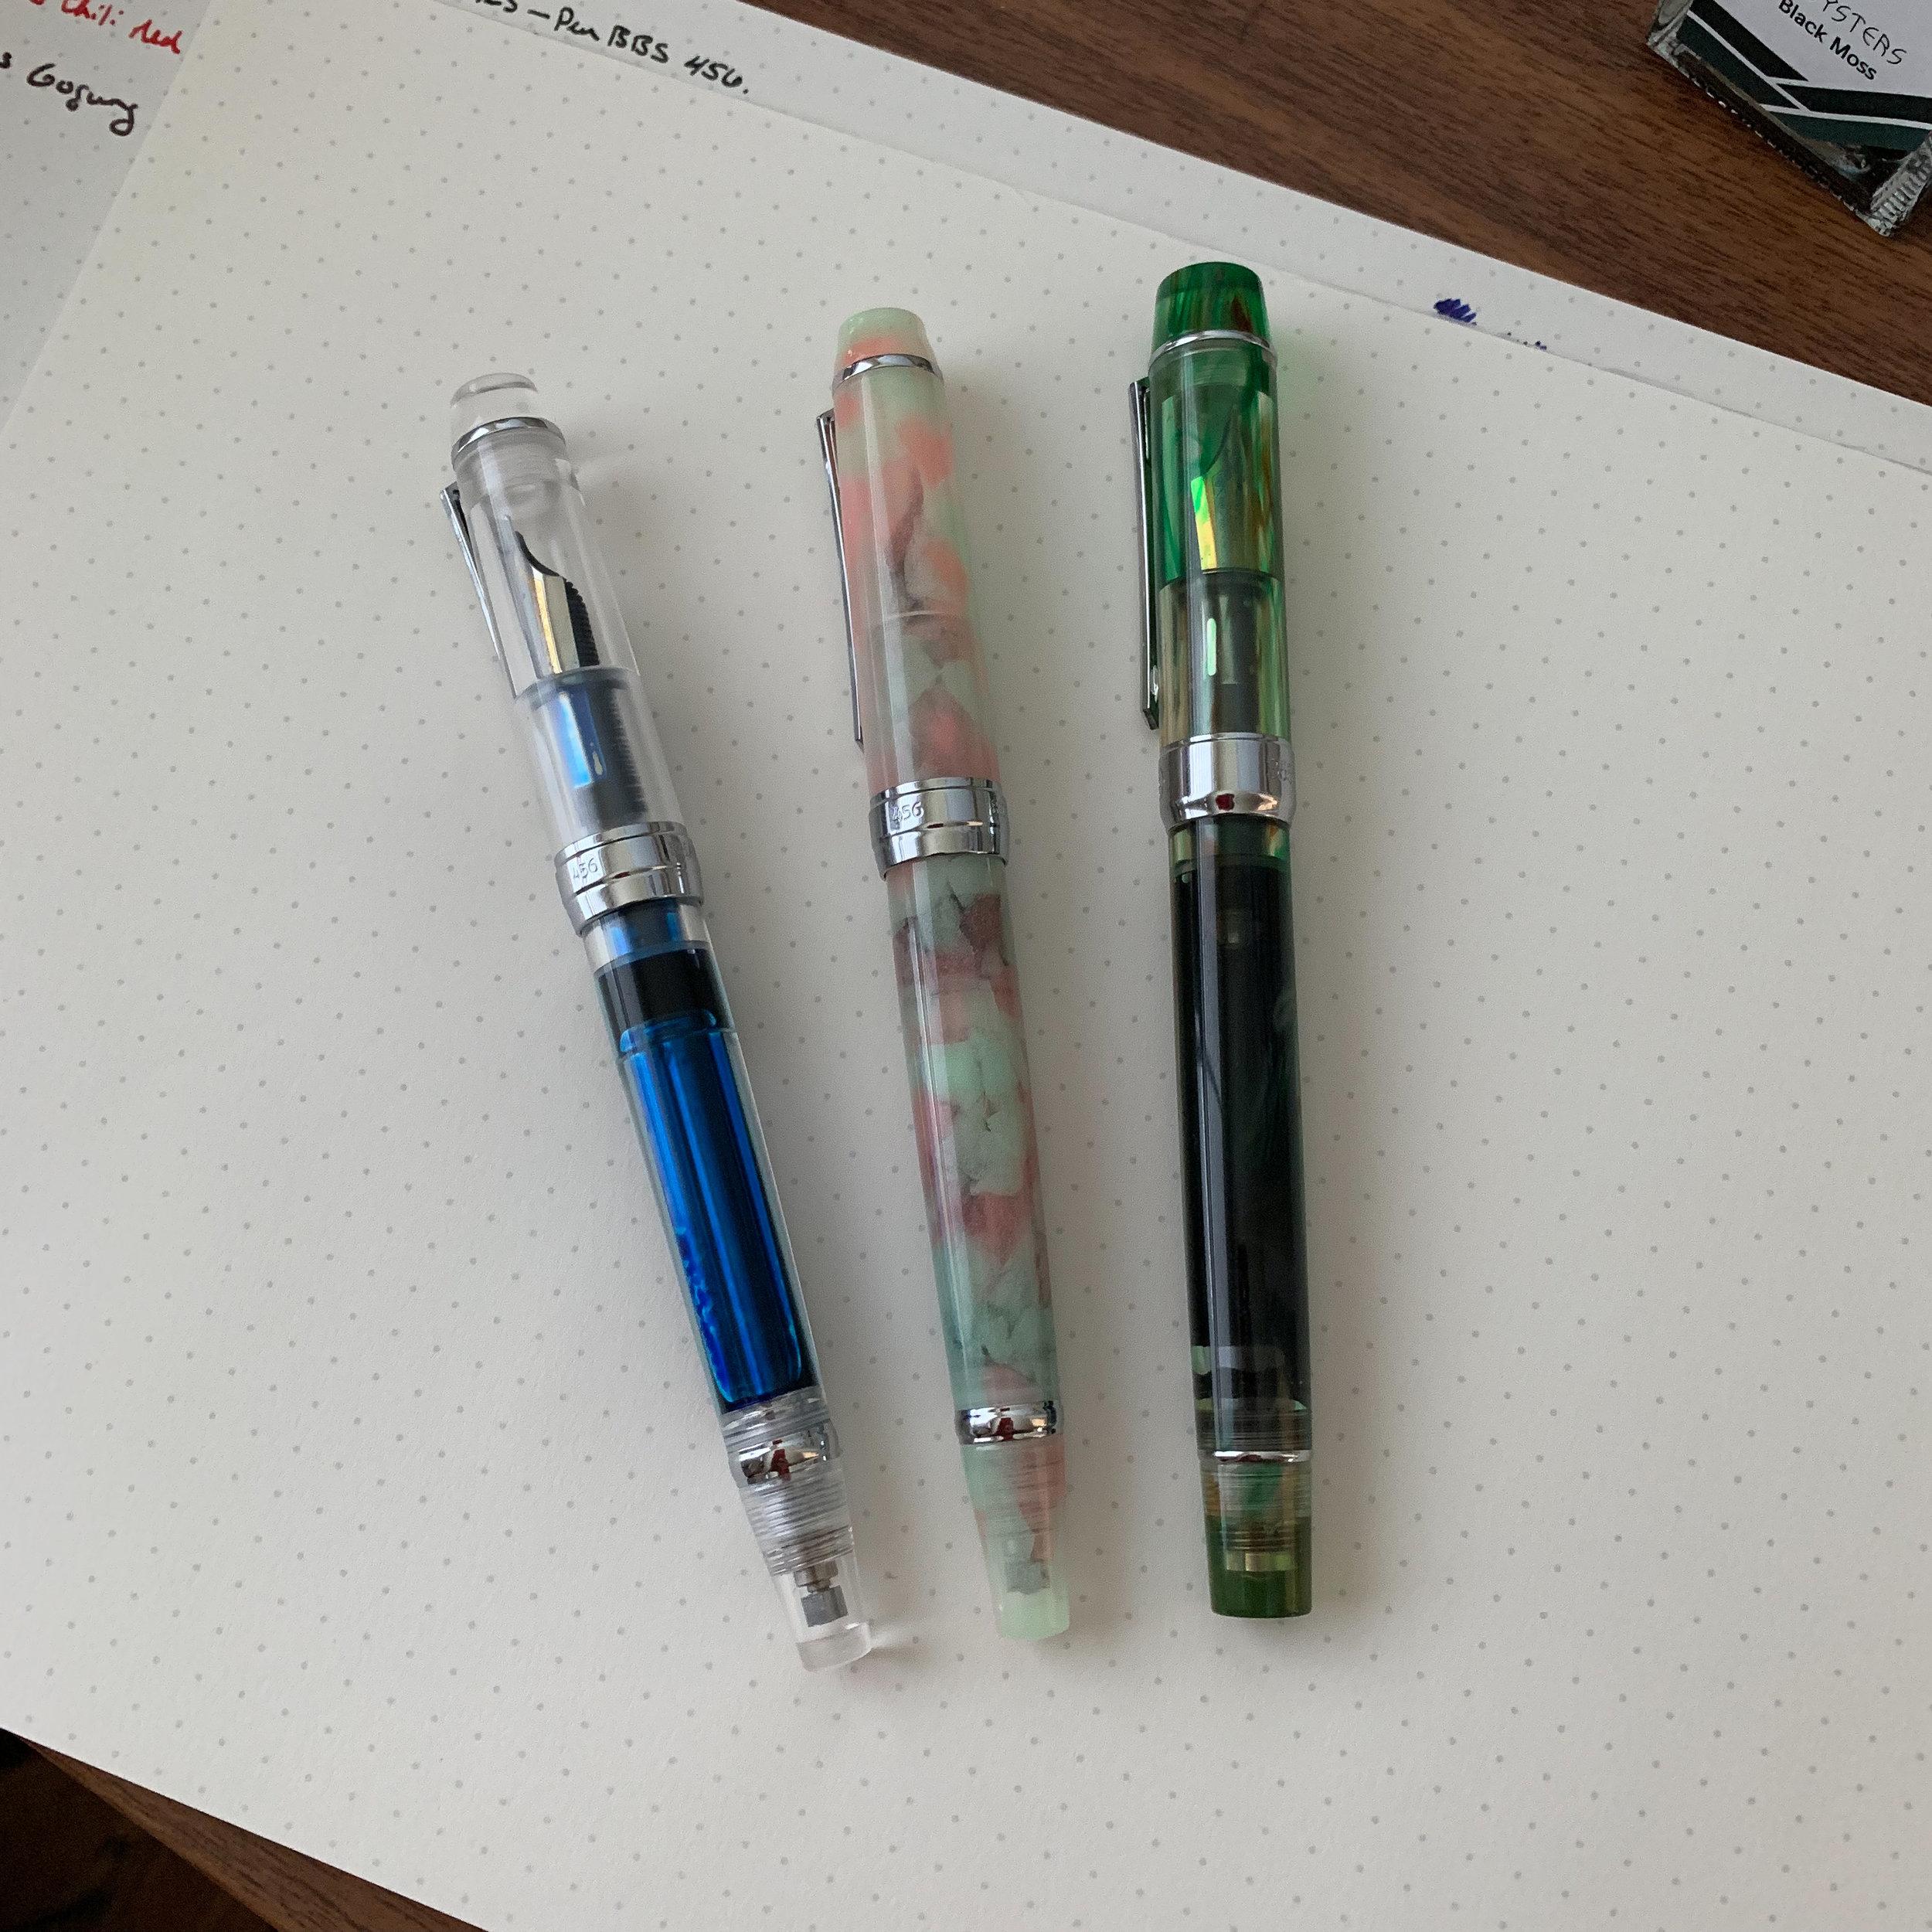 Pen-BBS-Pens